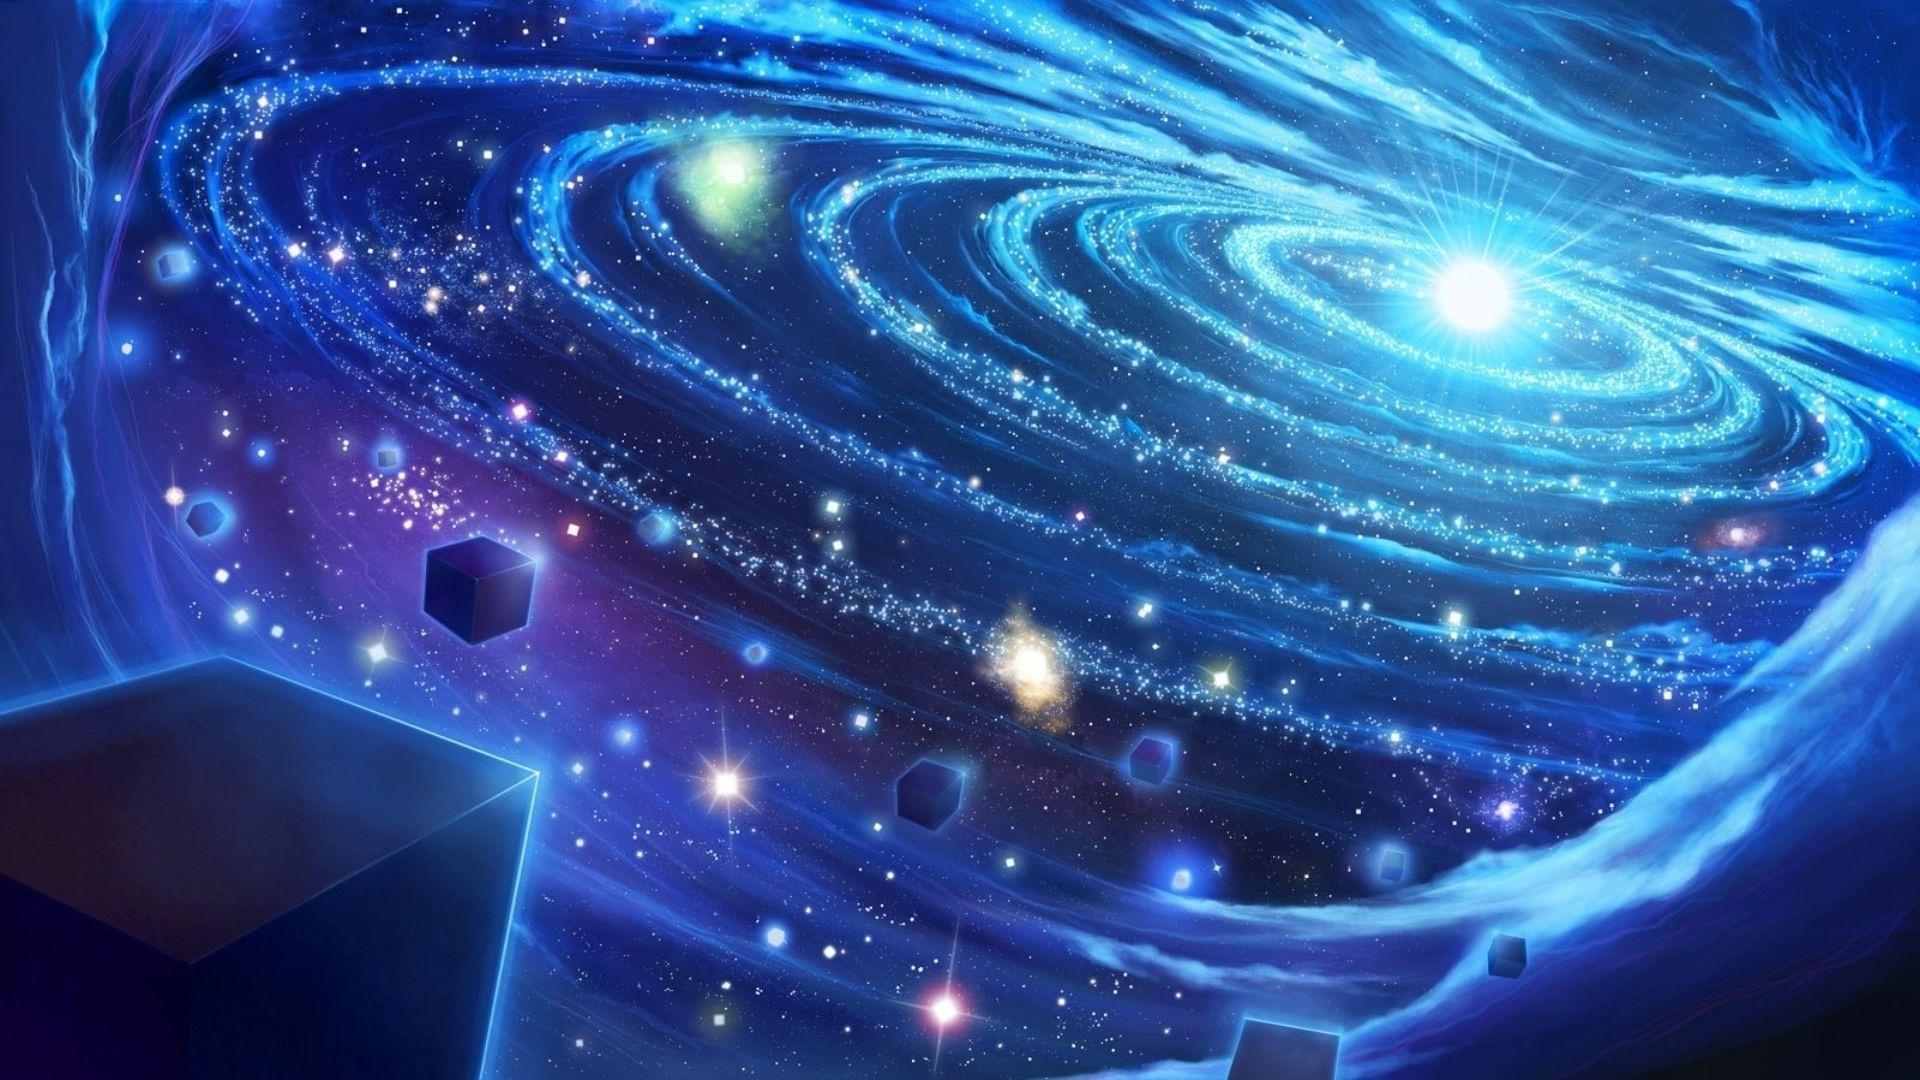 Ảnh galaxy siêu sắc nét